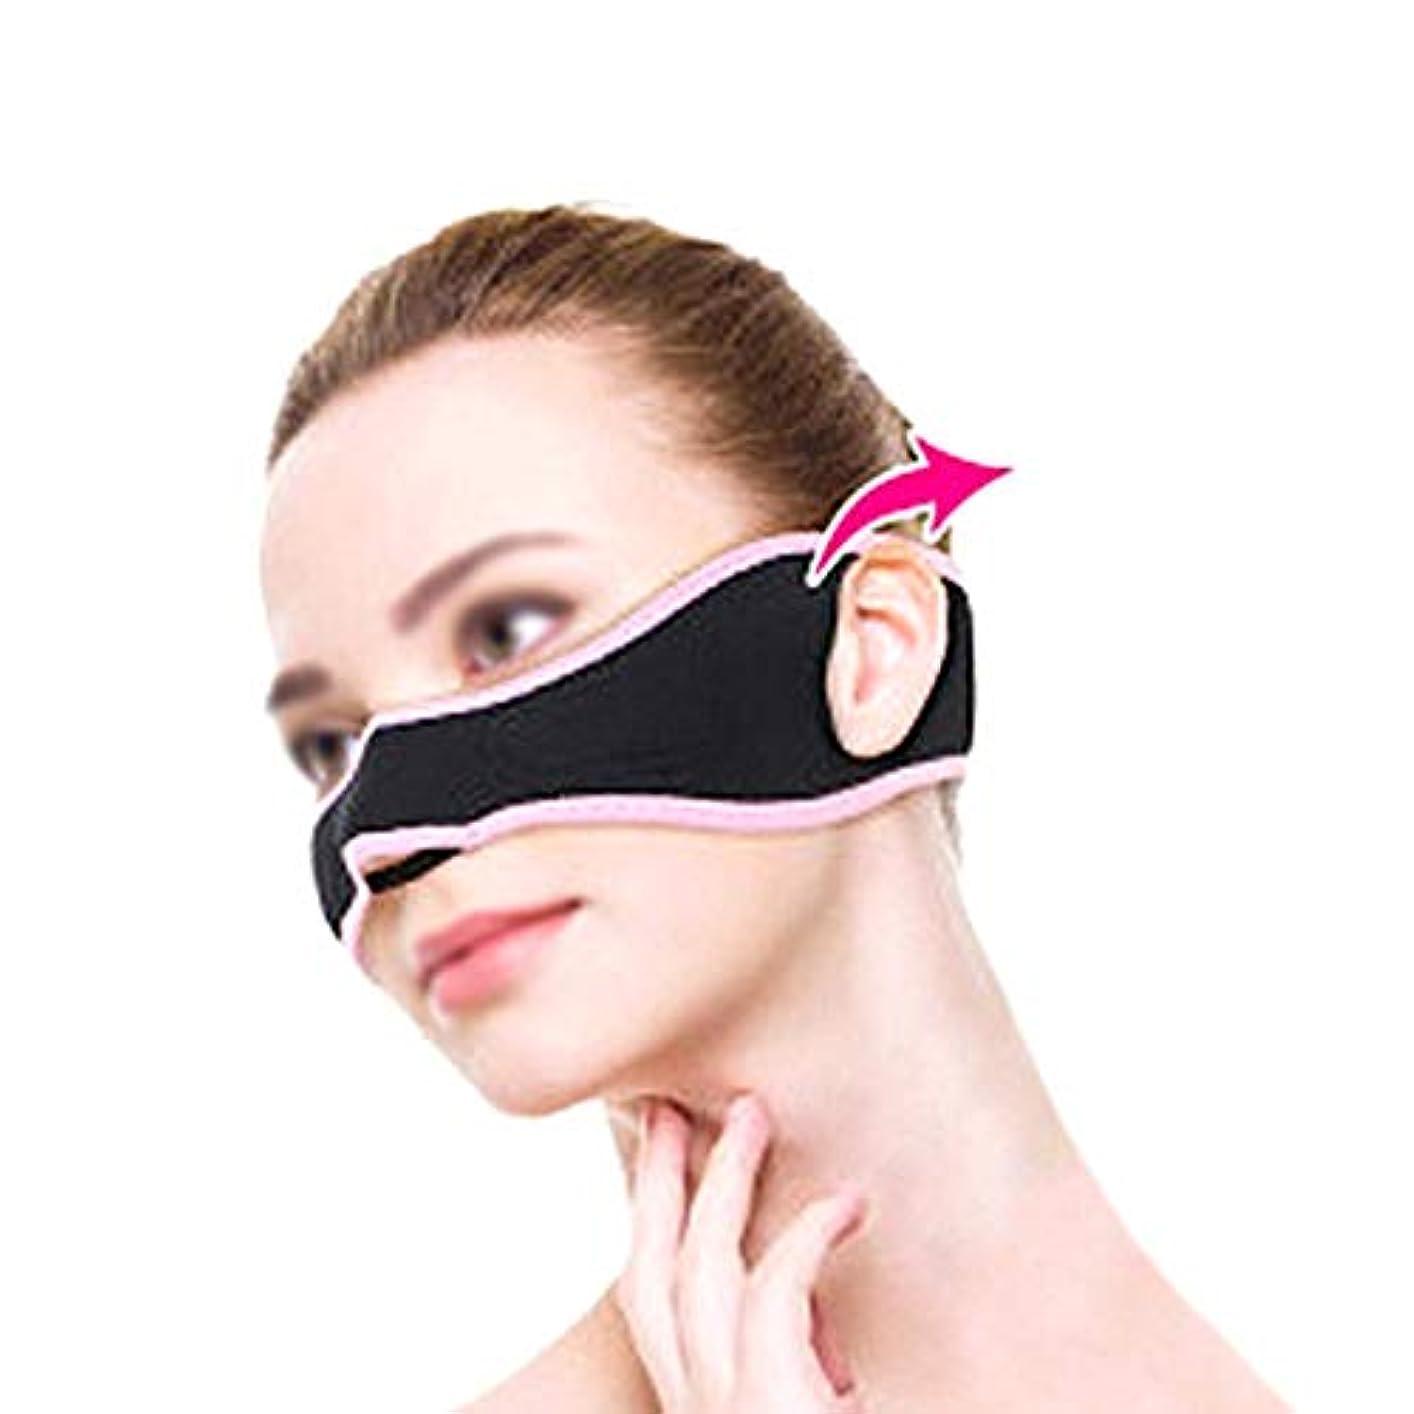 パノラマ申し立て危険フェイスリフティングマスク、チークリフトアップマスク、薄くて薄い顔、顔の筋肉を引き締めて持ち上げ、持ち運びが簡単で、男性と女性の両方が使用できます